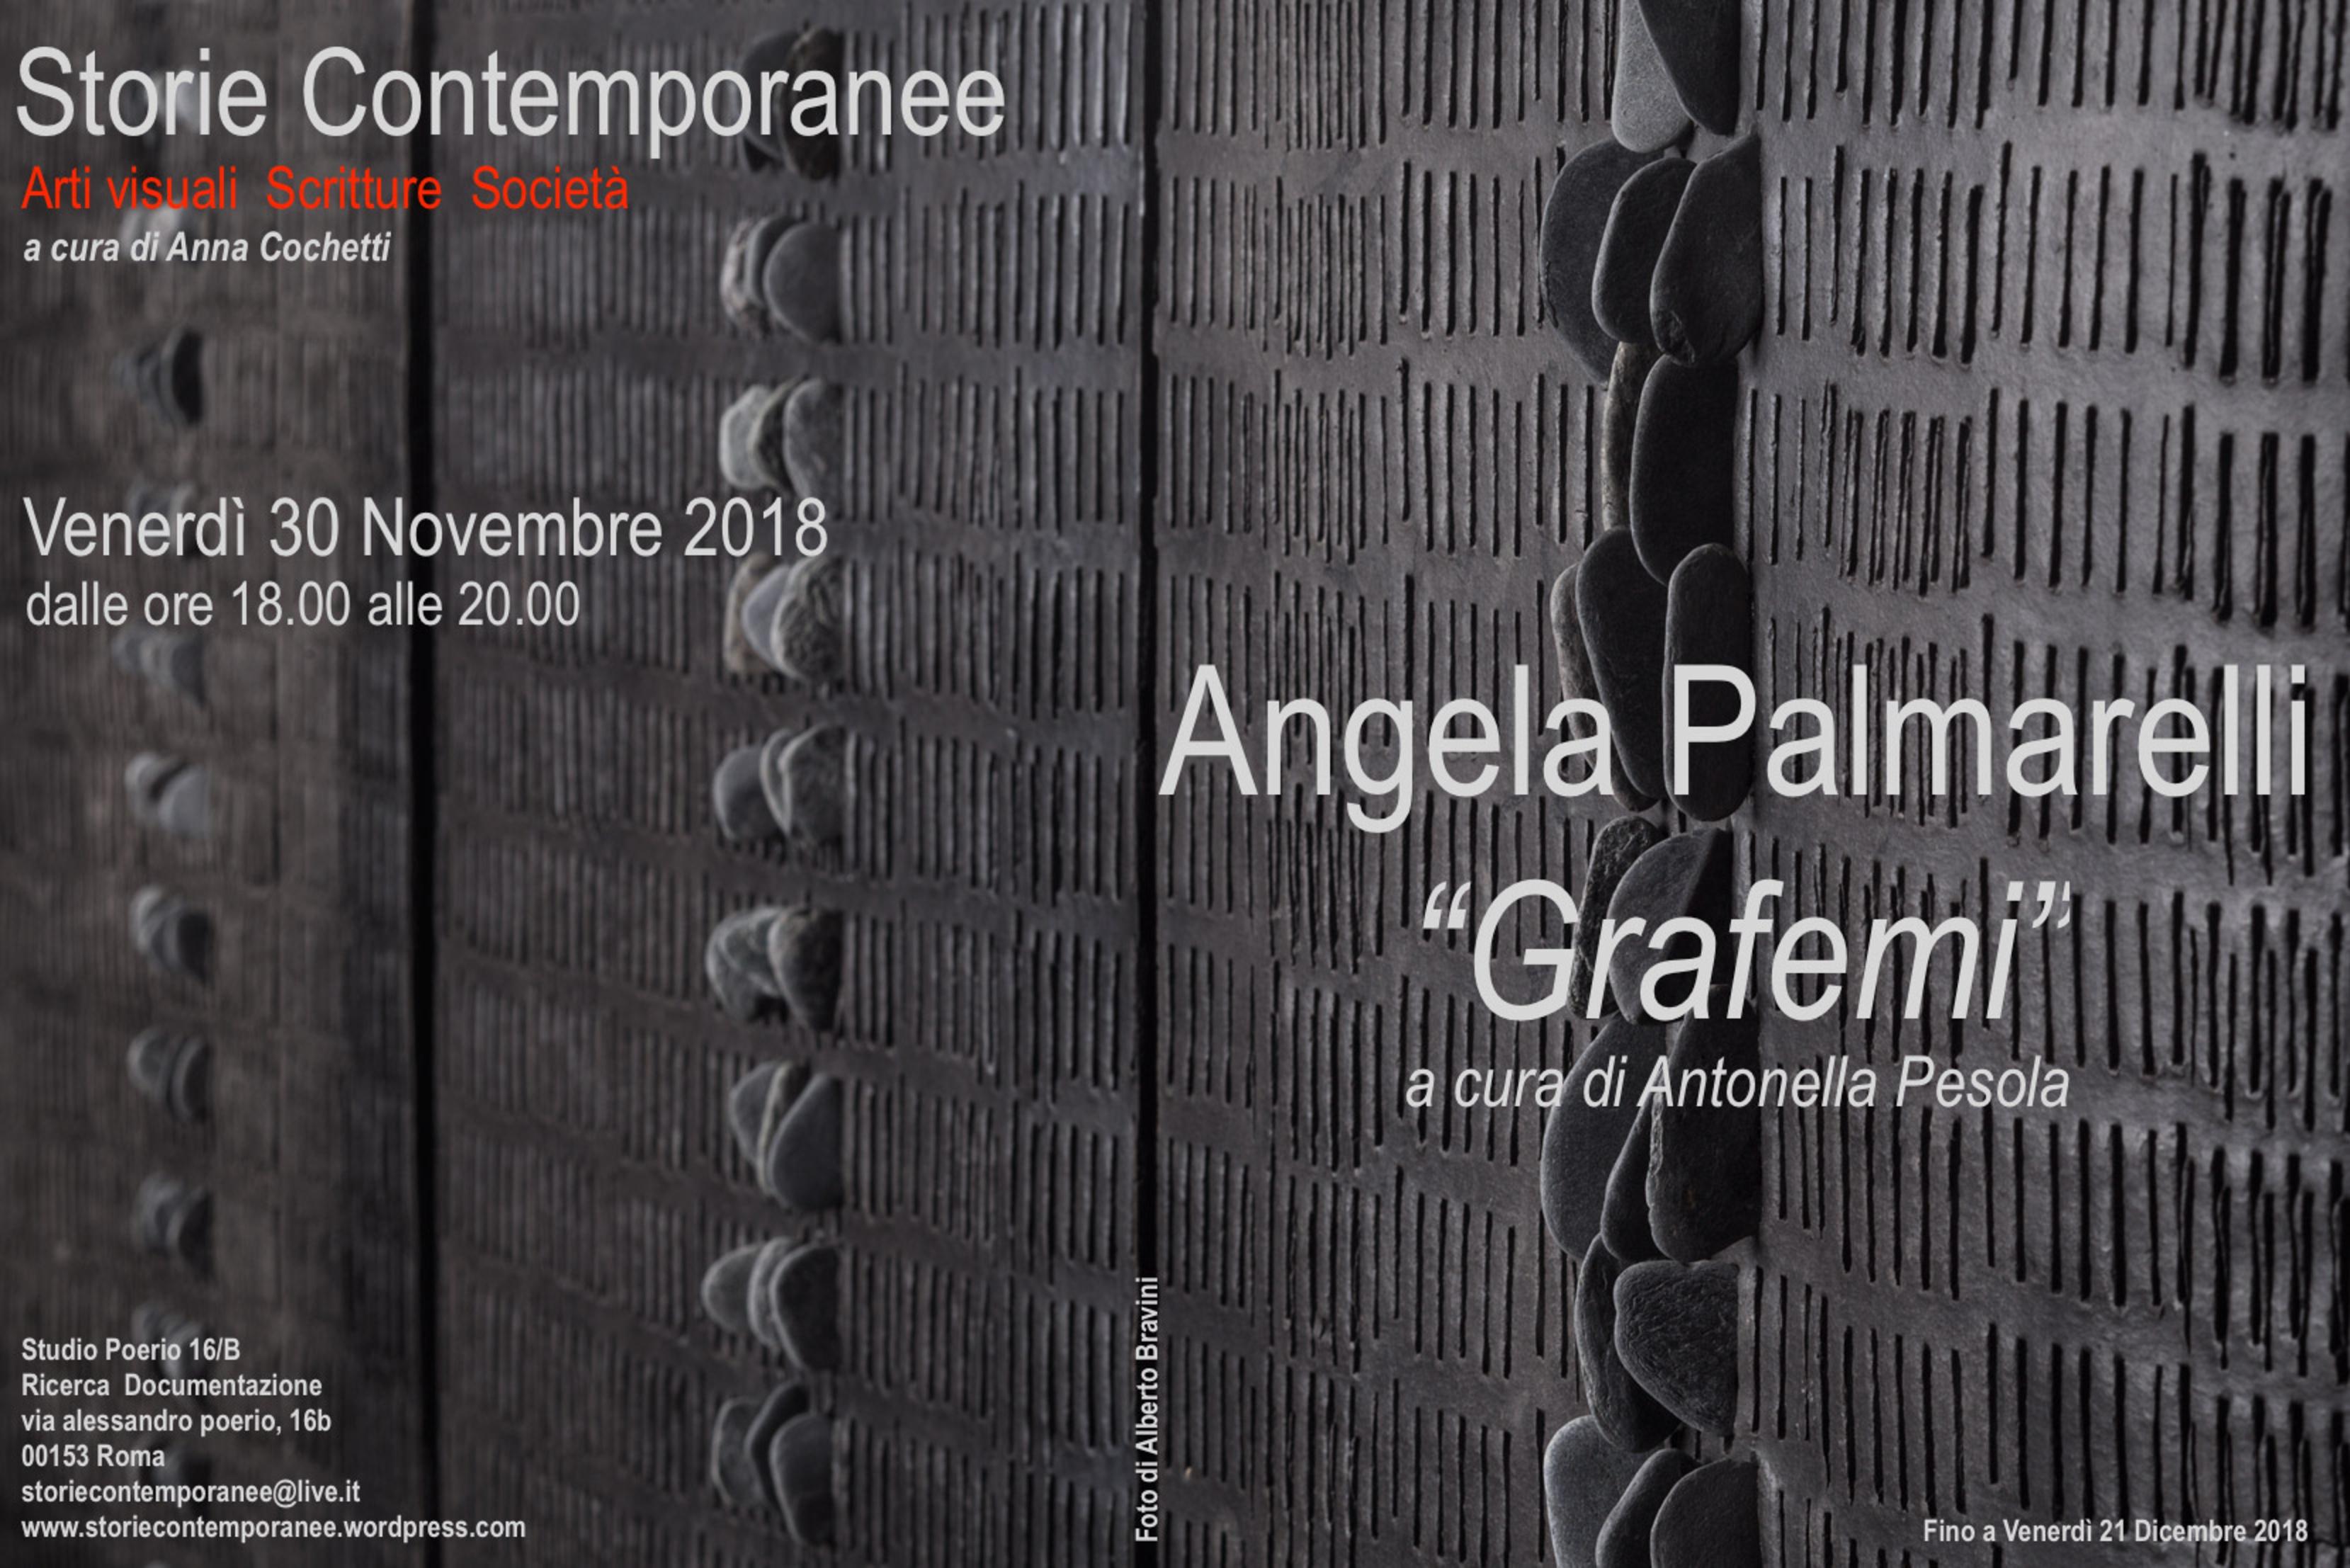 STORIE CONTEMPORANEE invito - ANGELA PALMARELLI - GRAFEMI - INVITO 1-001